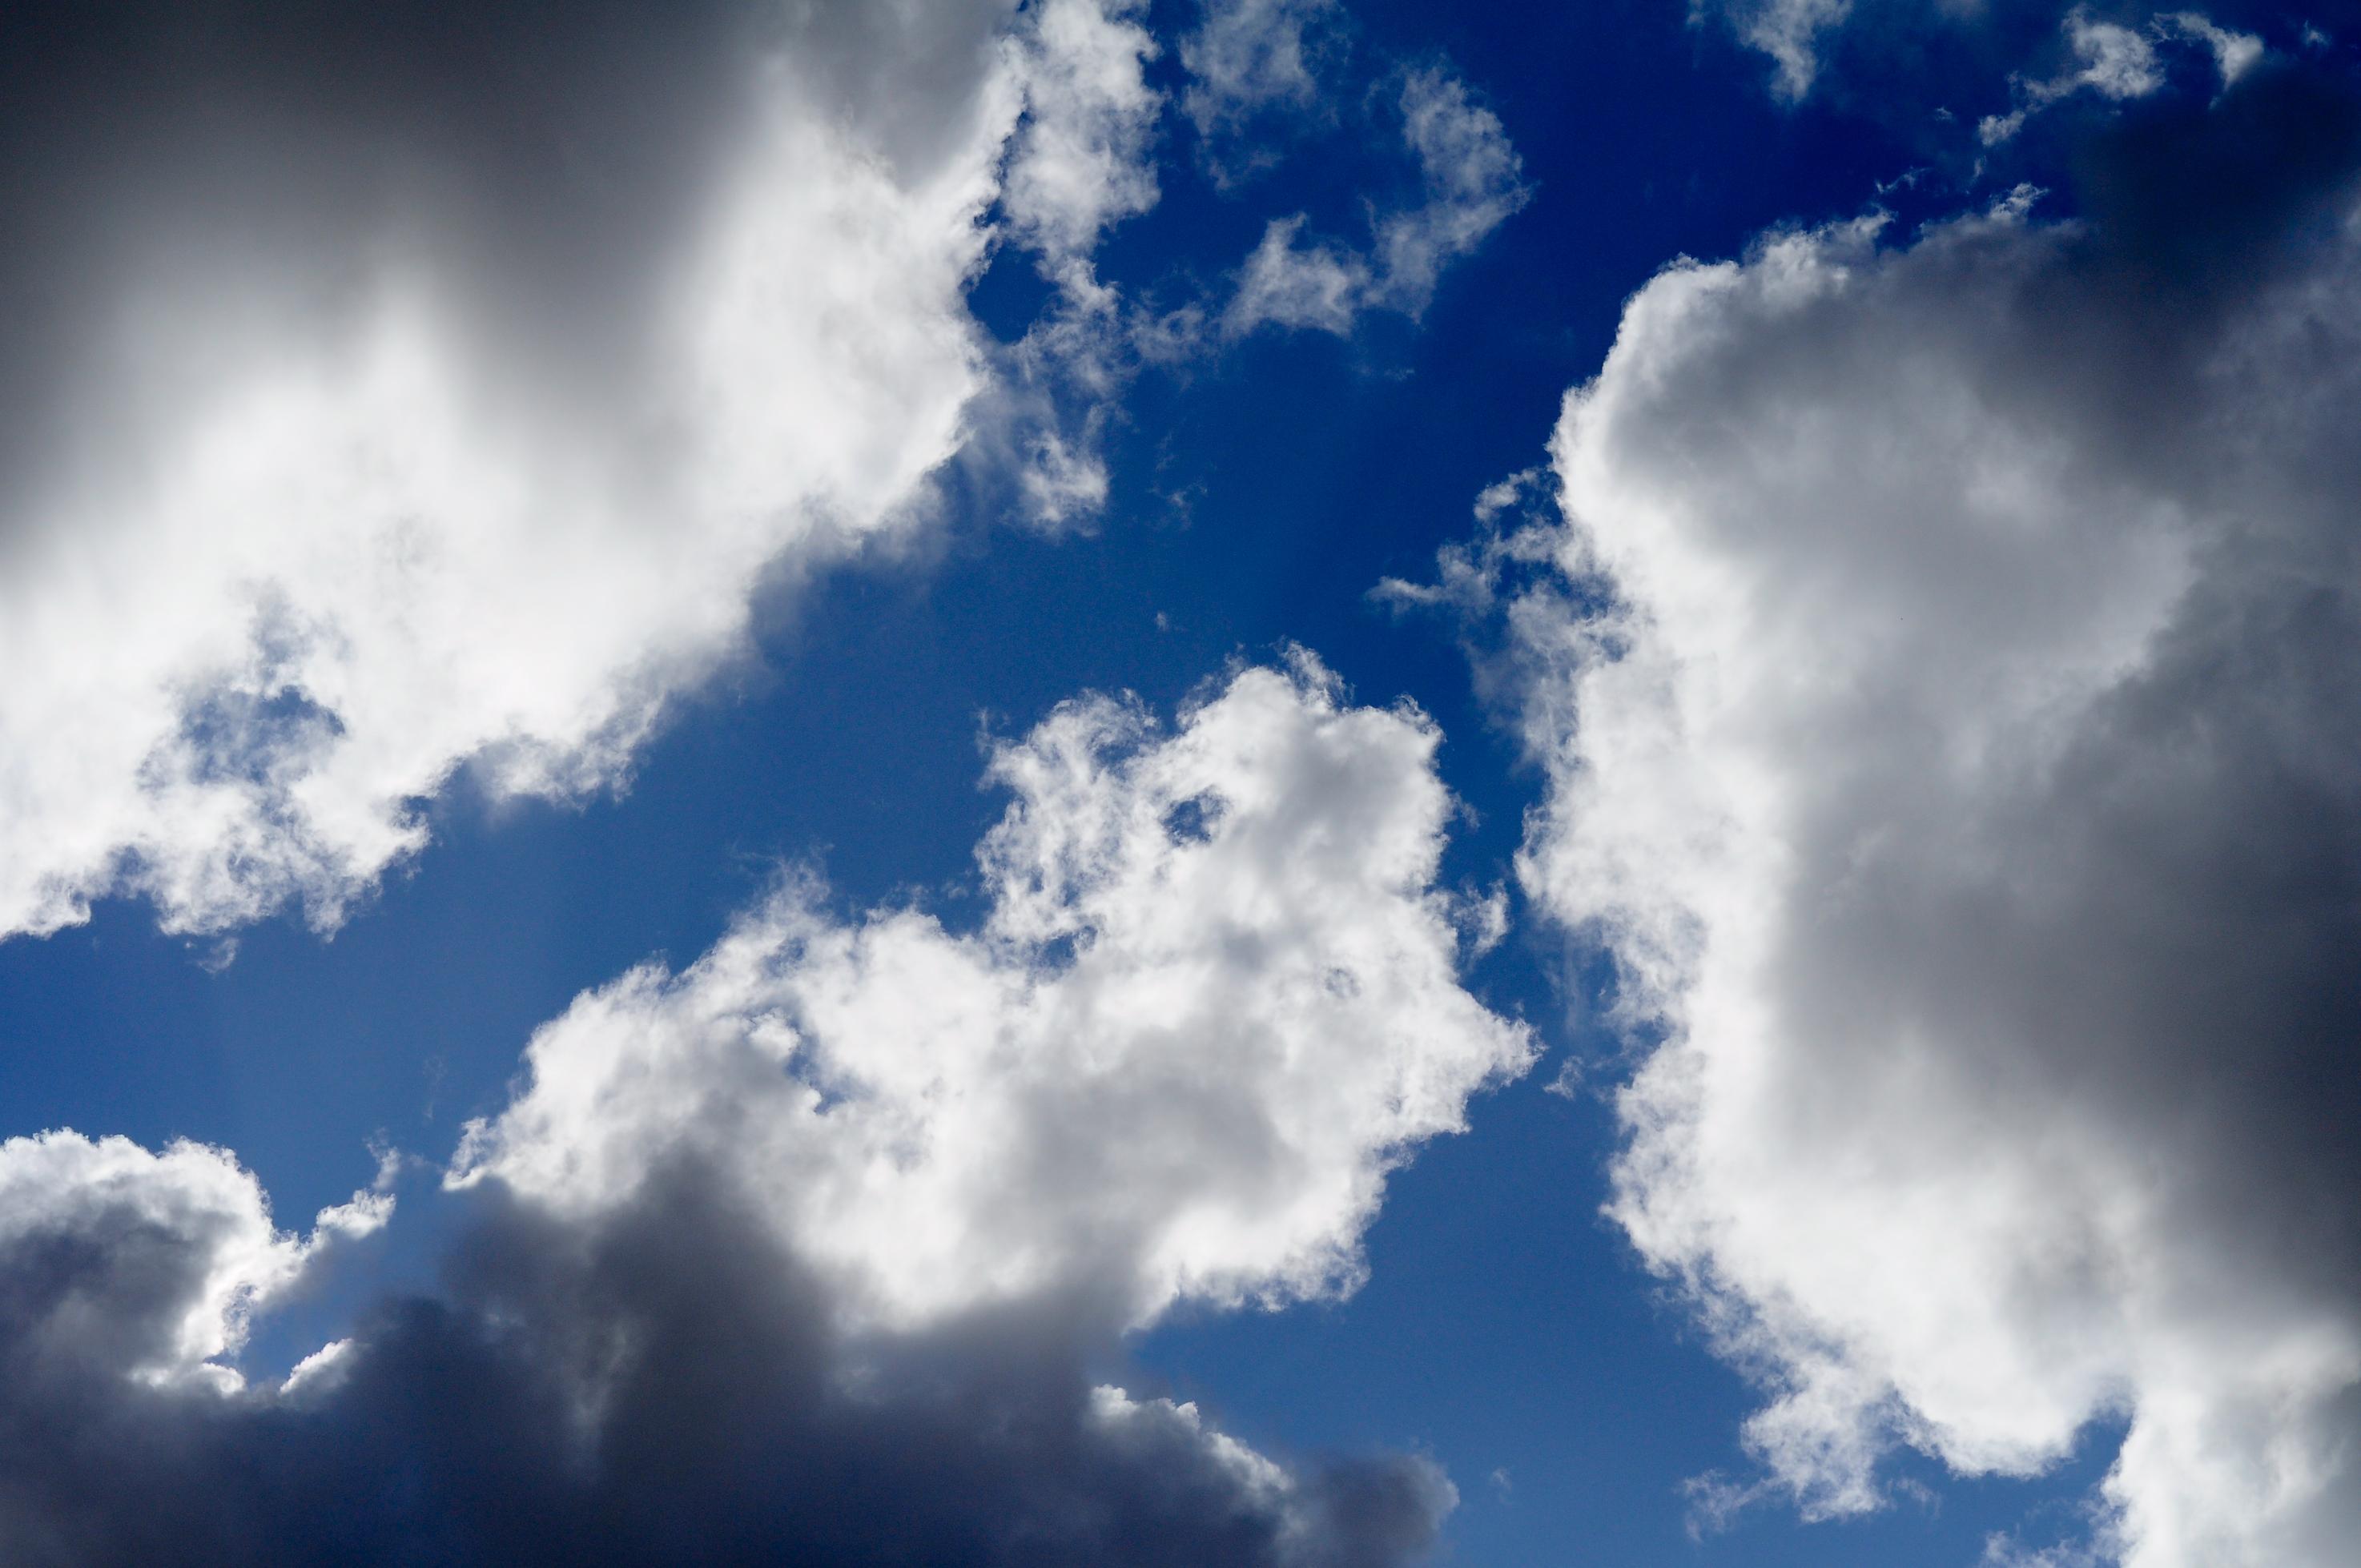 1251826 91587567 - Nebe si nárokují i lidé nemilující Boha